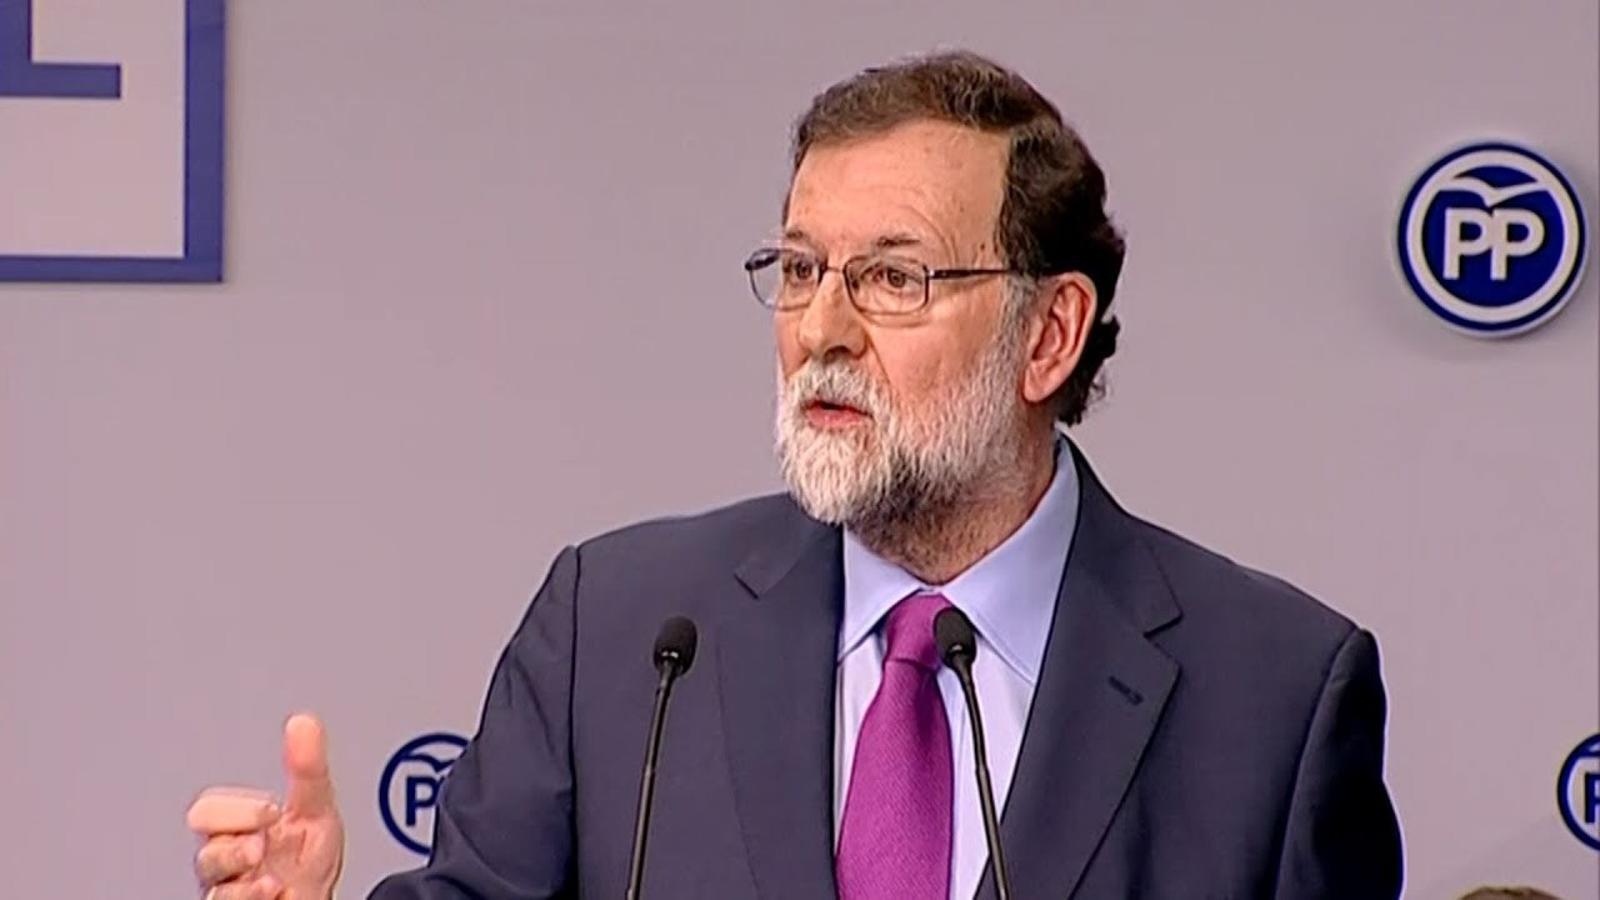 Rajoy avisa Puigdemont que s'ha de prendre possessió del càrrec físicament i si no ho fa mantindrà el 155